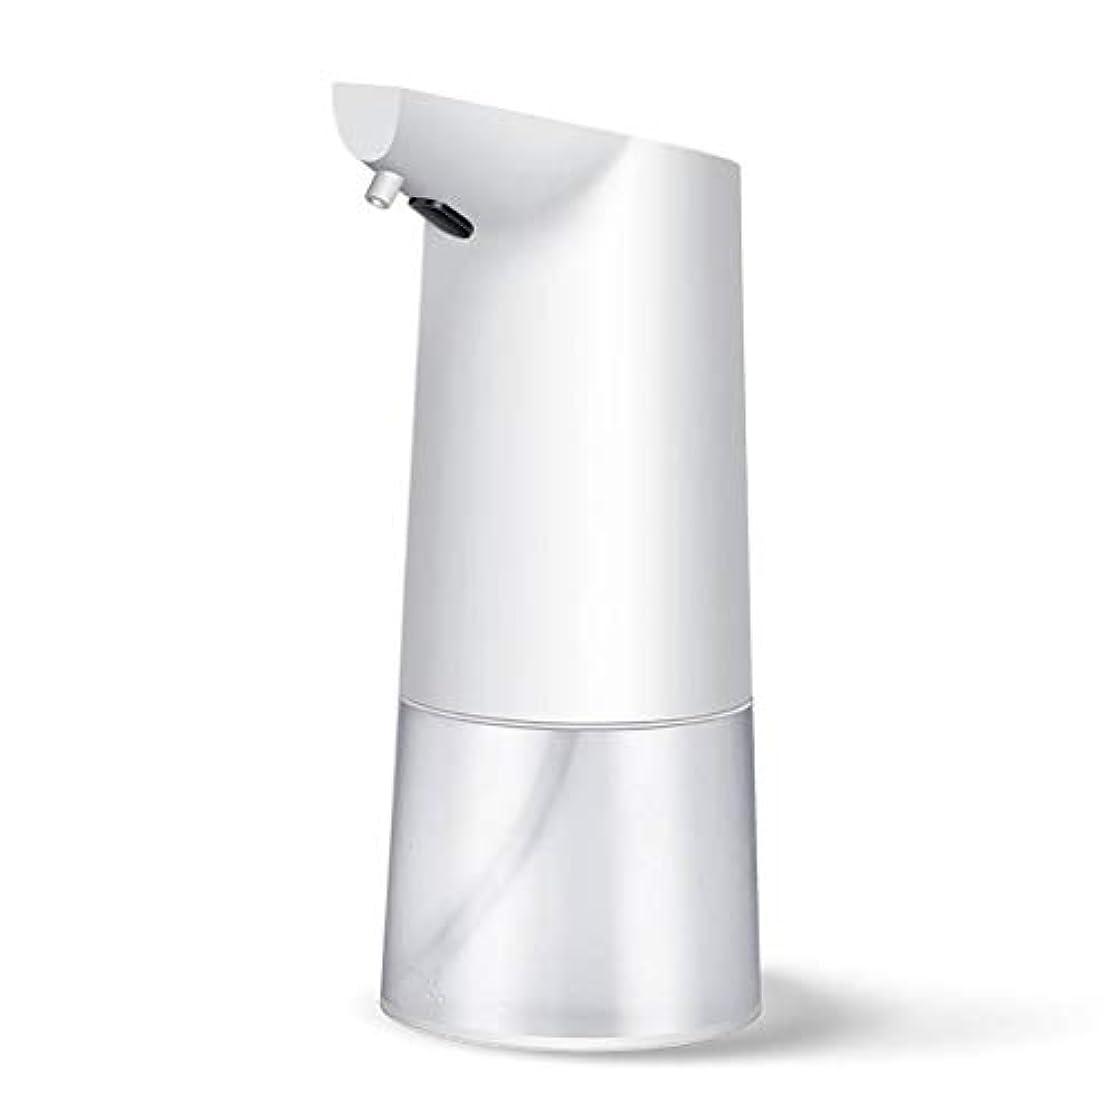 実現可能性肯定的生命体帰納的 自動 ソープディスペンサ, ABS 大容量 350ML 速い ー 泡 ソープディスペンサ, 液体を追加できます, のために適した 洗面所 公共の機会 -白350ML-8×10×20CM